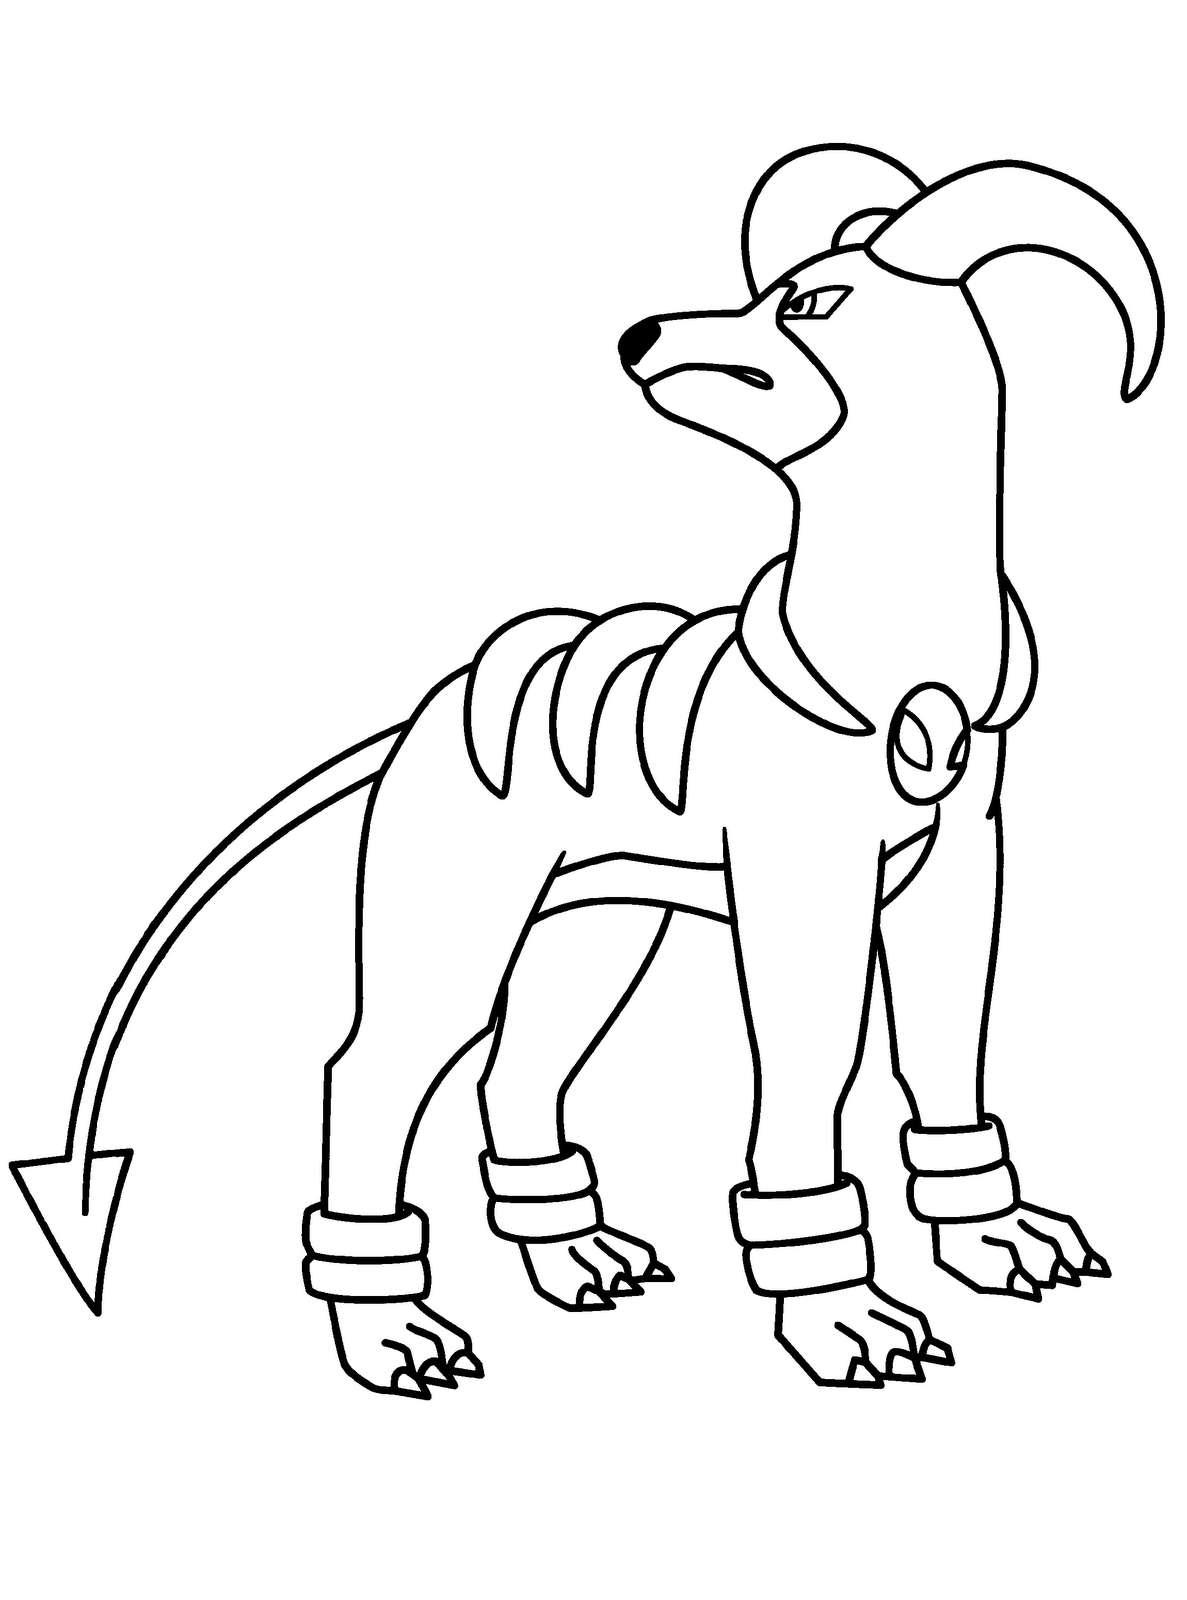 Disegno di un cane di fantasia